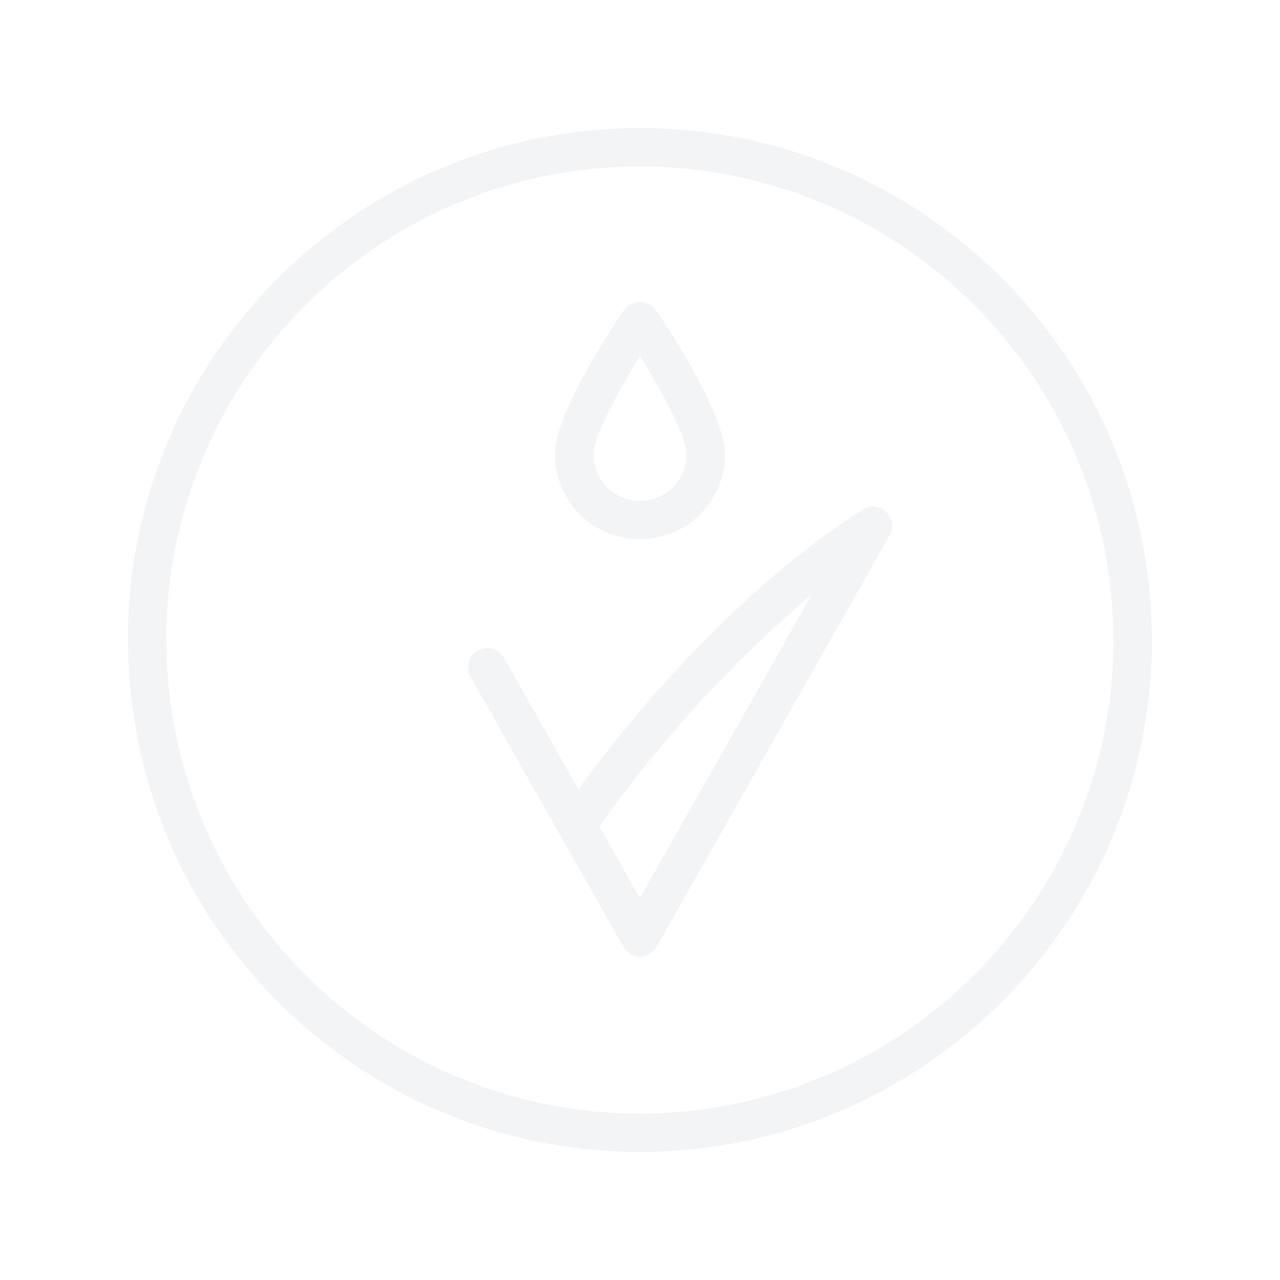 SESDERMA Reti Age Facial Anti-Aging Serum 30ml